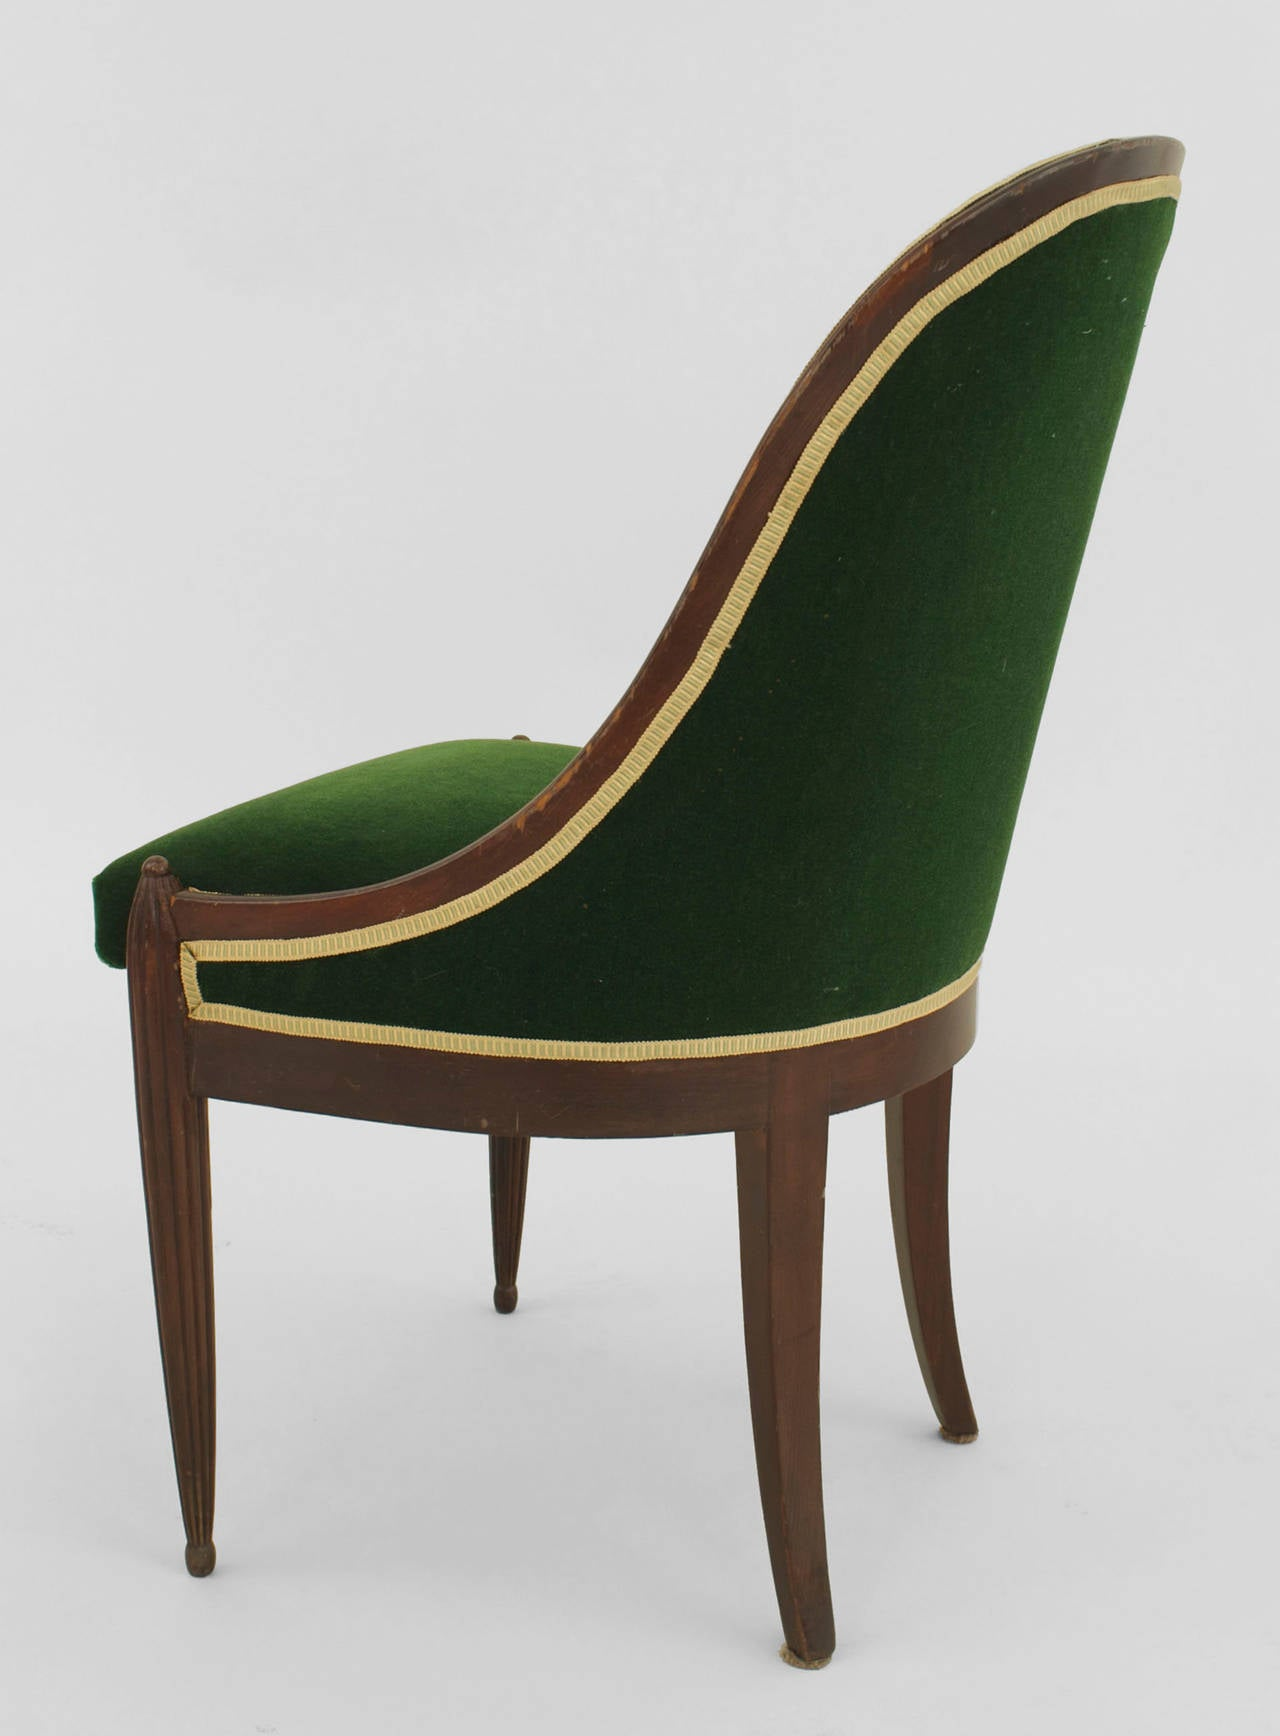 Pair of French Art Deco Green Velvet Upholstered Mahogany Side